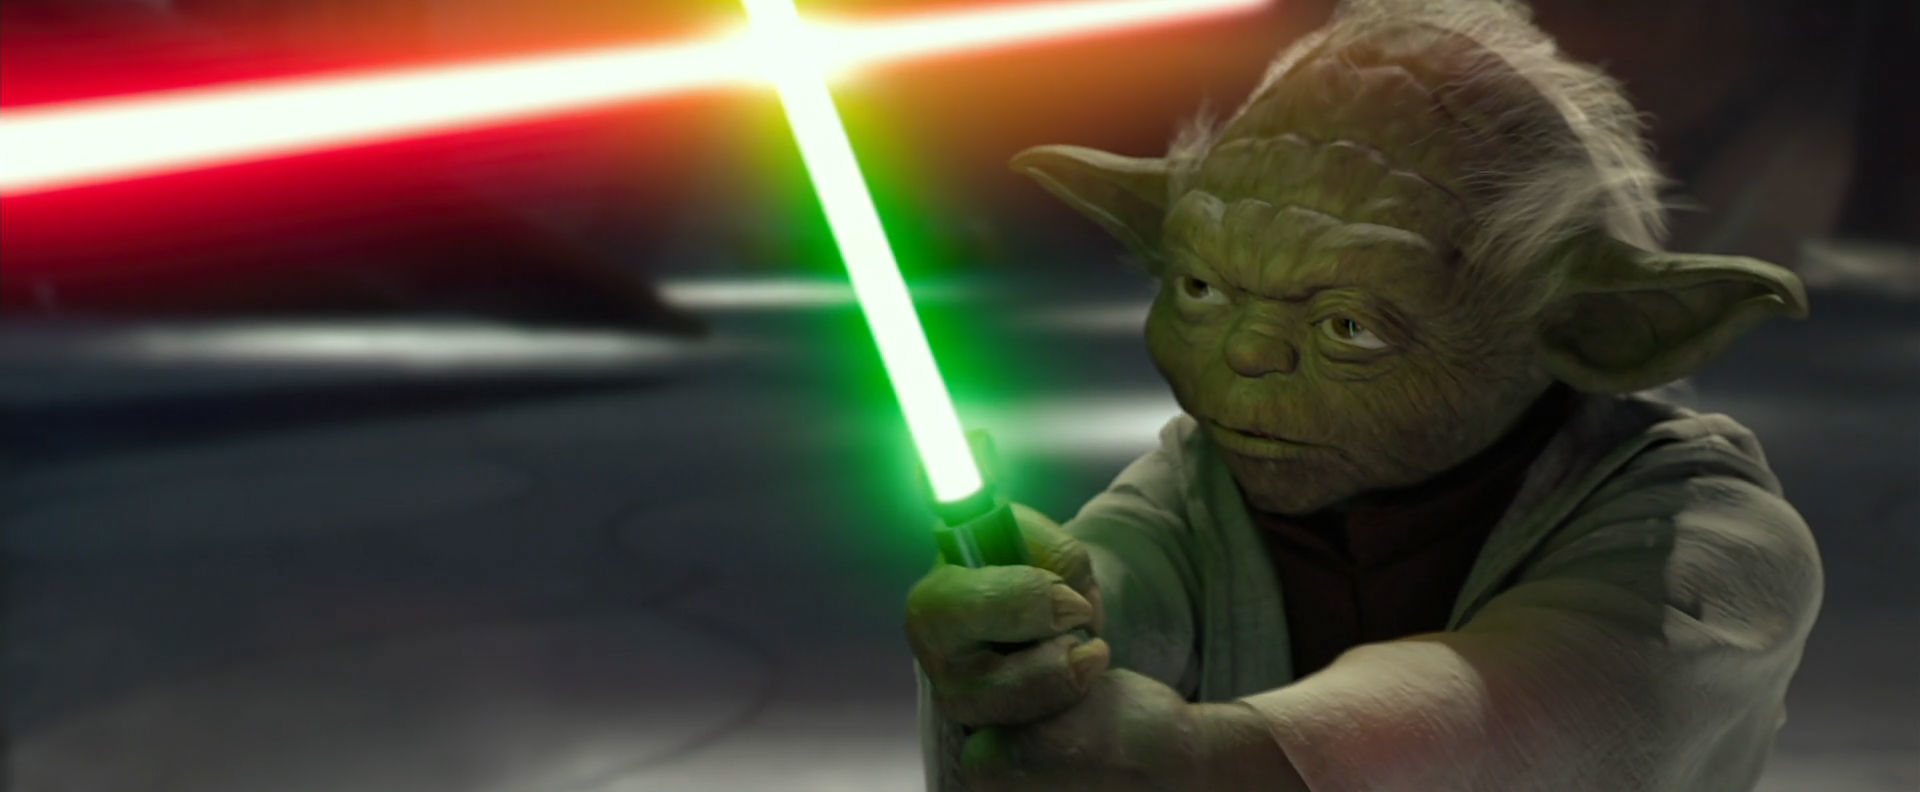 Yoda εναντίον Count Dooku